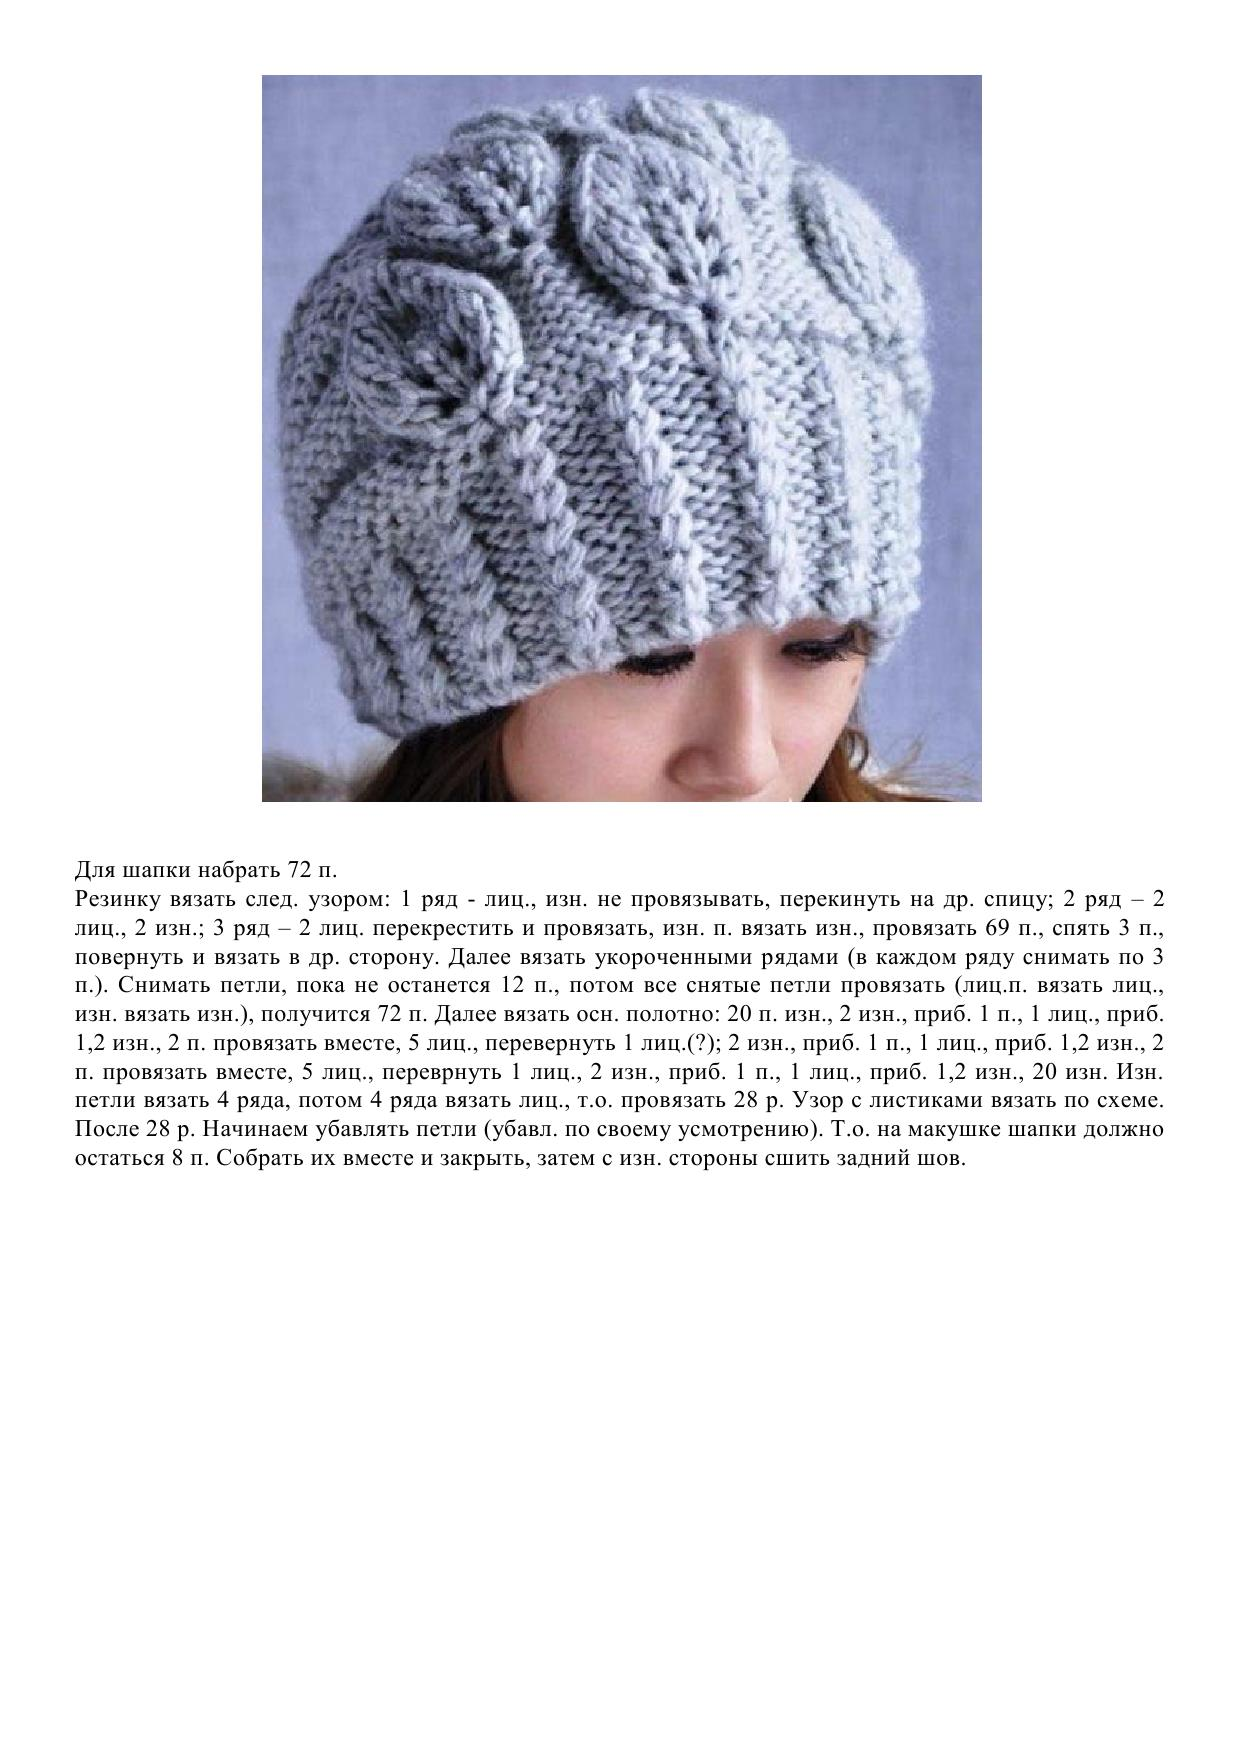 Зимняя шапочка спицами с объемным узором Плетенка 50